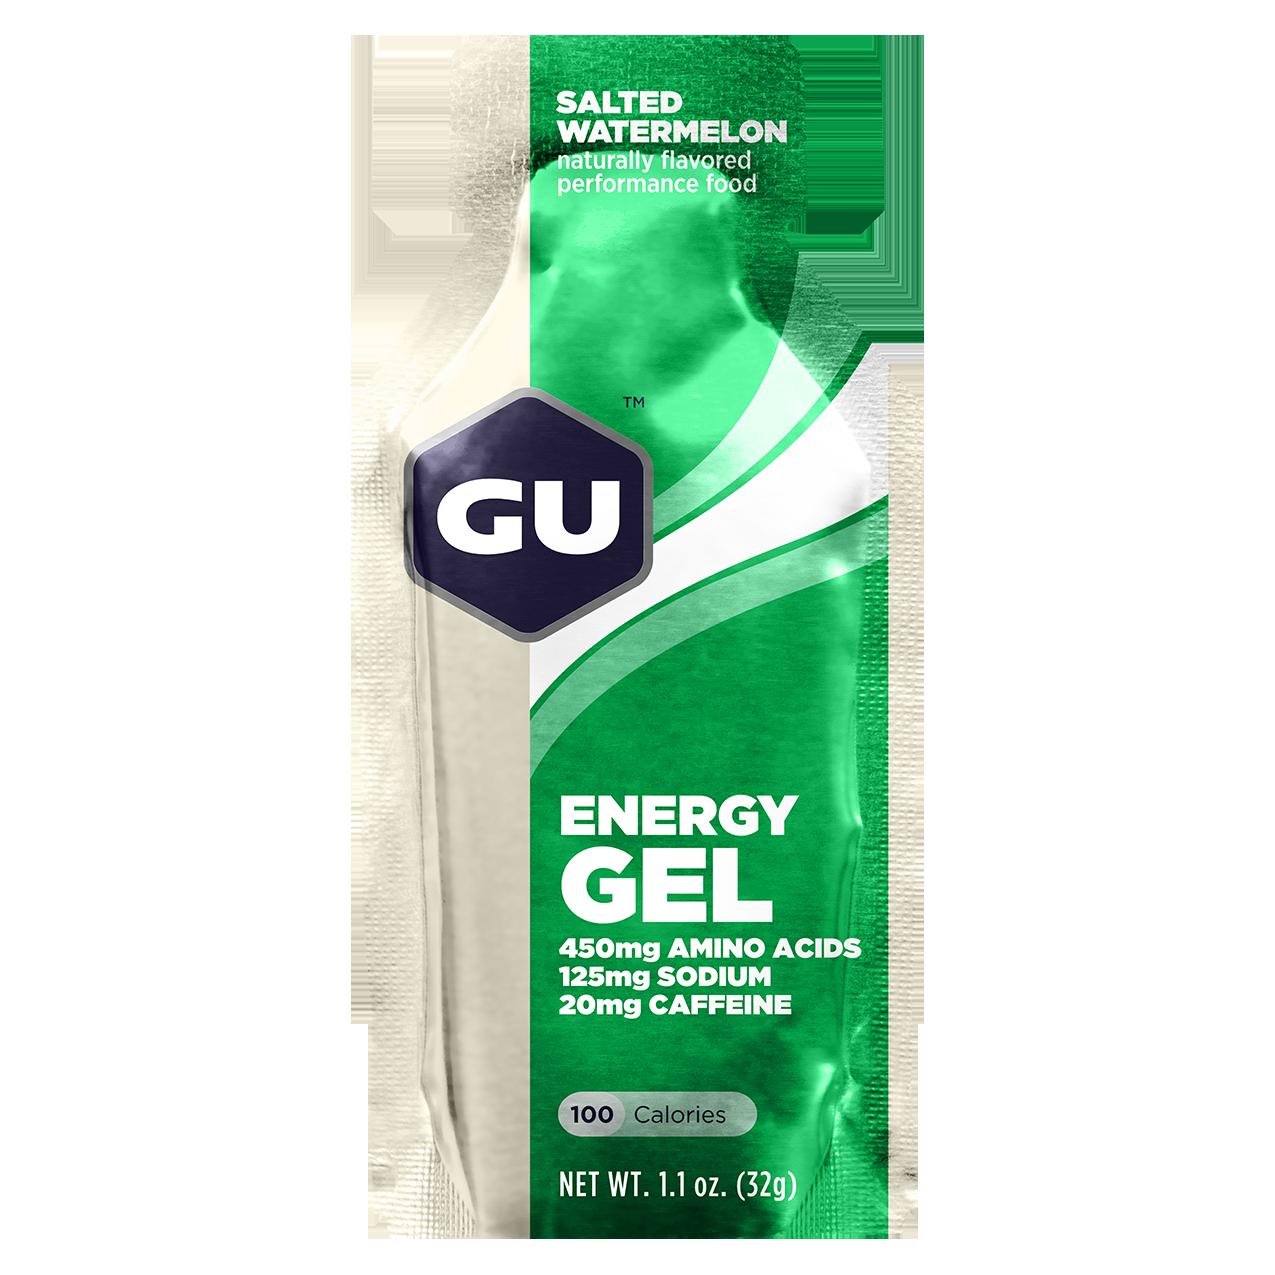 Energy Gel Salted Watermelon 4